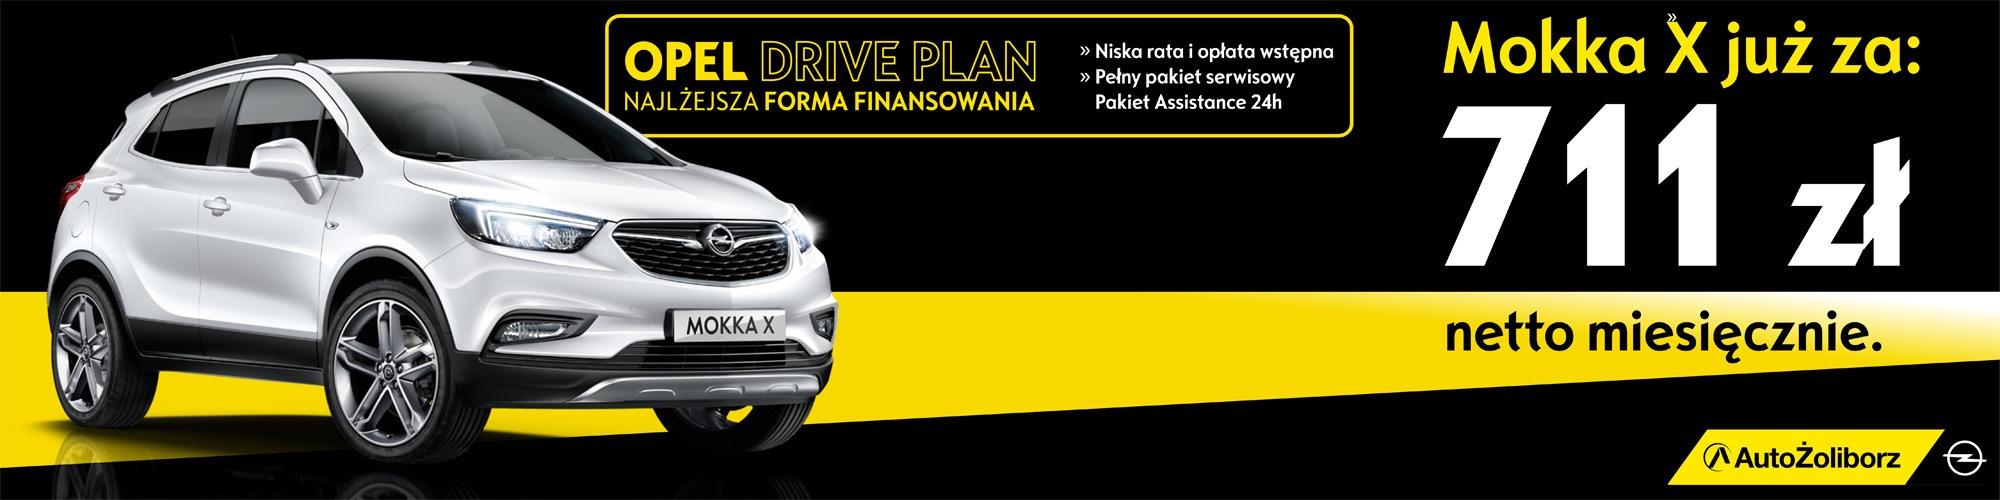 Mokka X. Kompaktowy SUV Opla już od 711 netto w leasingu Opel Drive Plan. Dostępny od ręki w  salonach AutoŻoliborz, Warszawa, Ząbki, Piaseczno